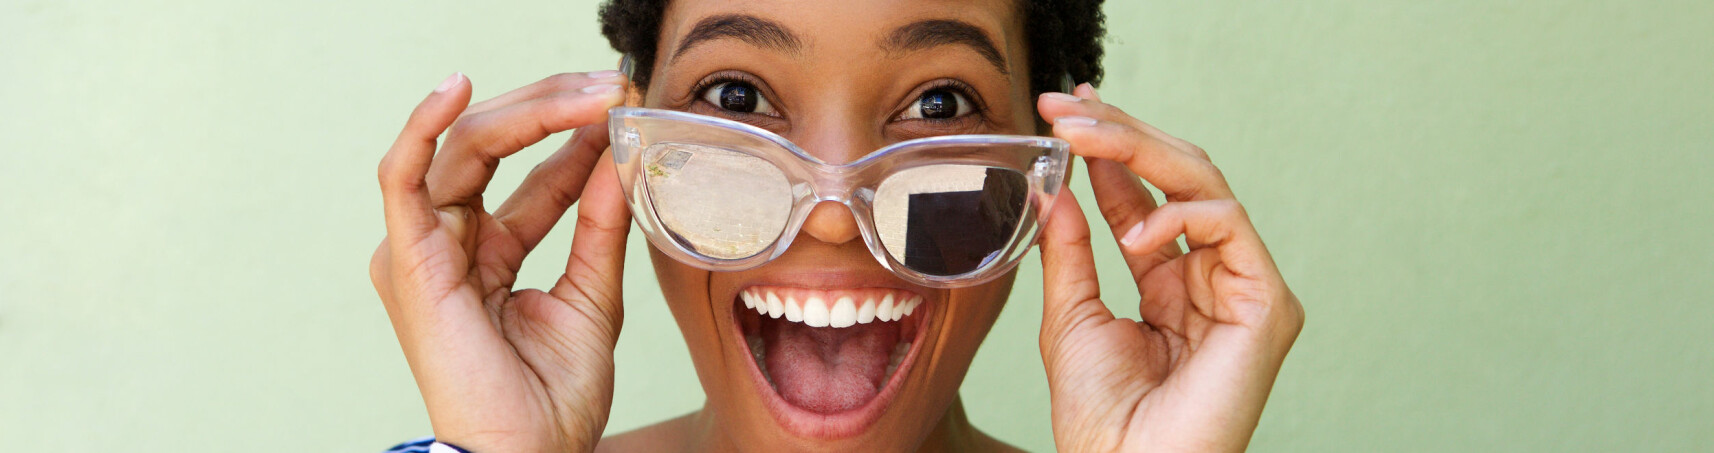 RENGJØRING: Vet du hvor ofte du egentlig bør vaske solbrillene dine? Vi har fasiten! FOTO: Scanpix